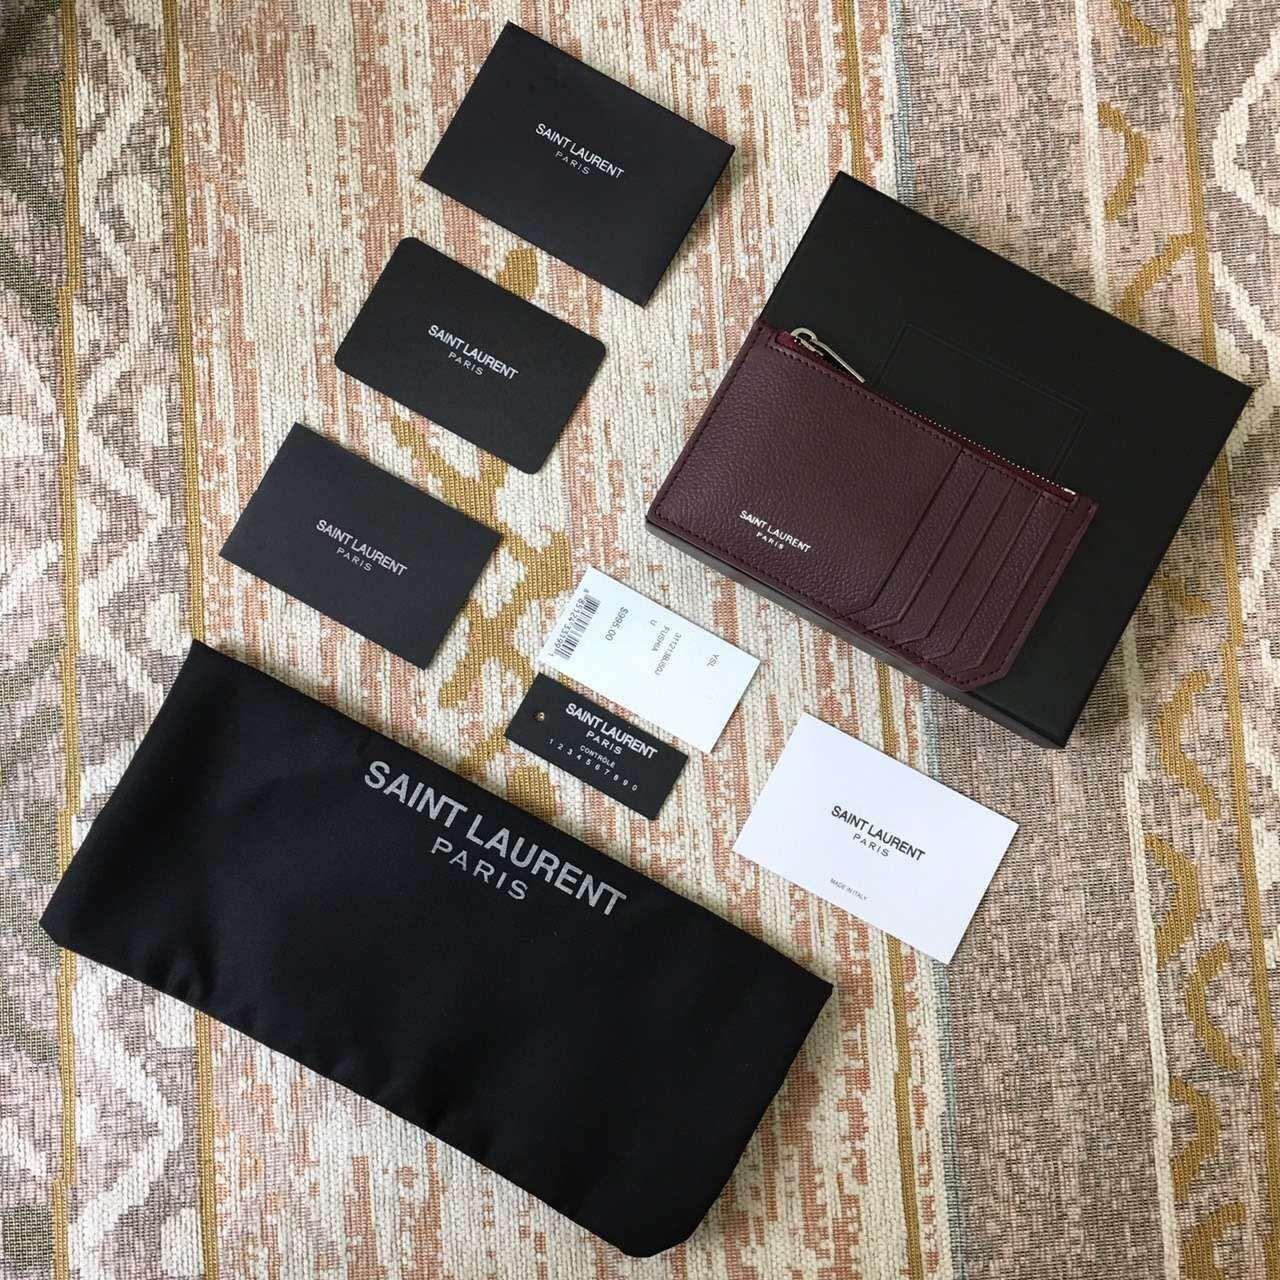 Limited New Saint Laurent Small Leather Goods Cheap Sale-Saint Laurent Classic Paris 5 Fragments Zip Pouch in Bordeaux Leather